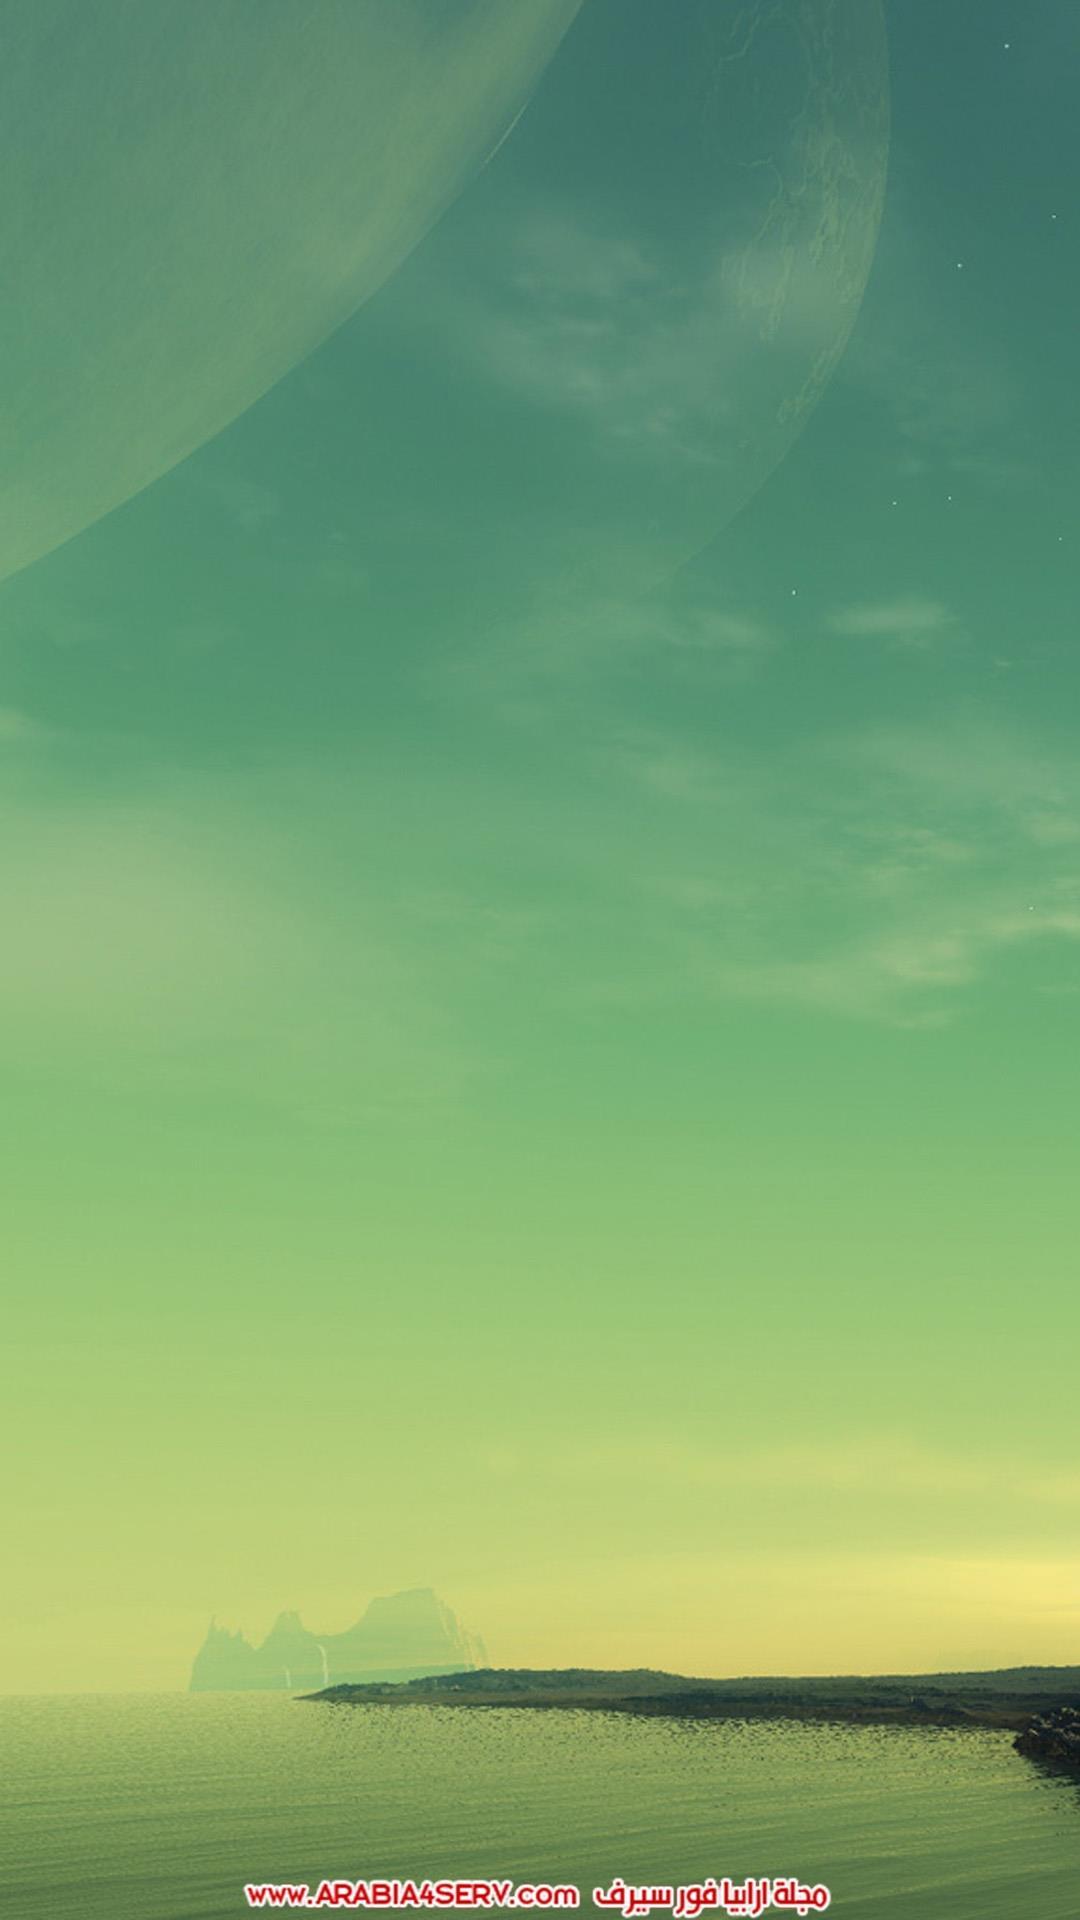 خلفيات-موبايل-جوال-نوكيا-لوميا-ايكون-Nokia-Lumia-Icon-7